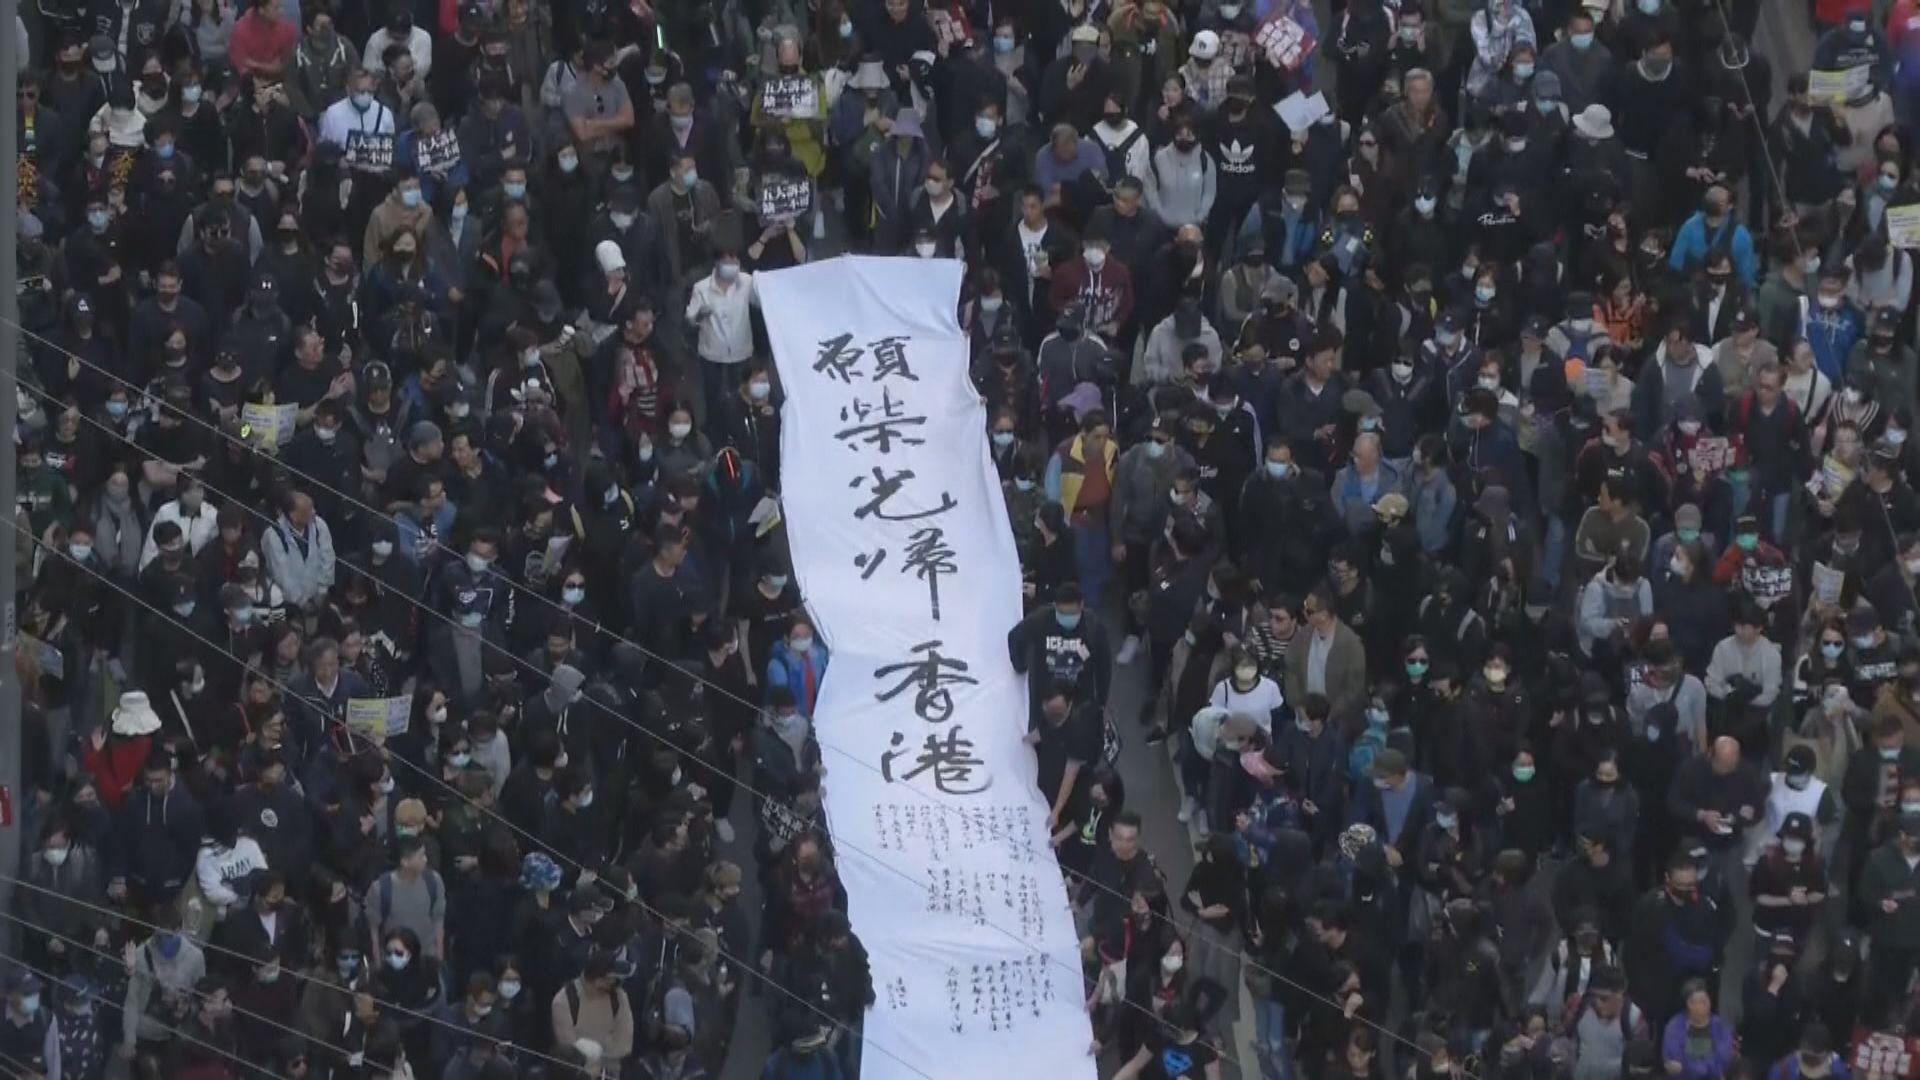 民陣元旦日遊行有逾40個新工會在場 籲市民加入